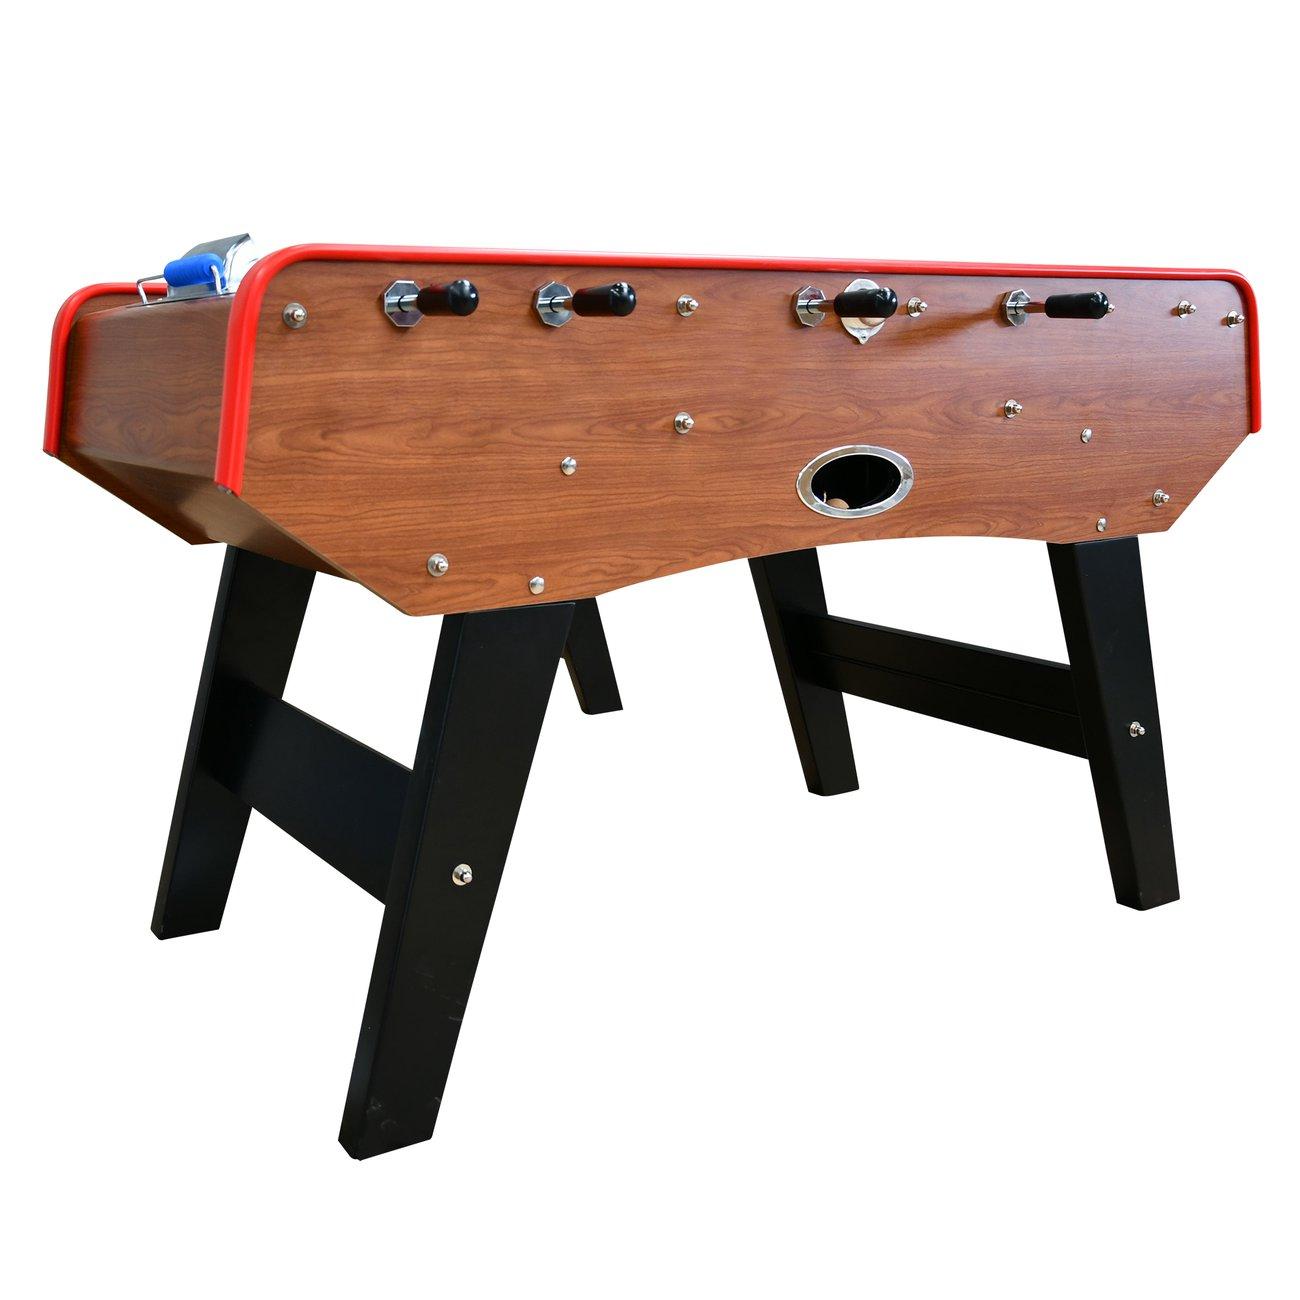 babyfoot classic type bistrot 151 x 77 x 91 cm table de baby foot avec barres telescopiques couleur bois chene et balles lieges inclus 2 v1